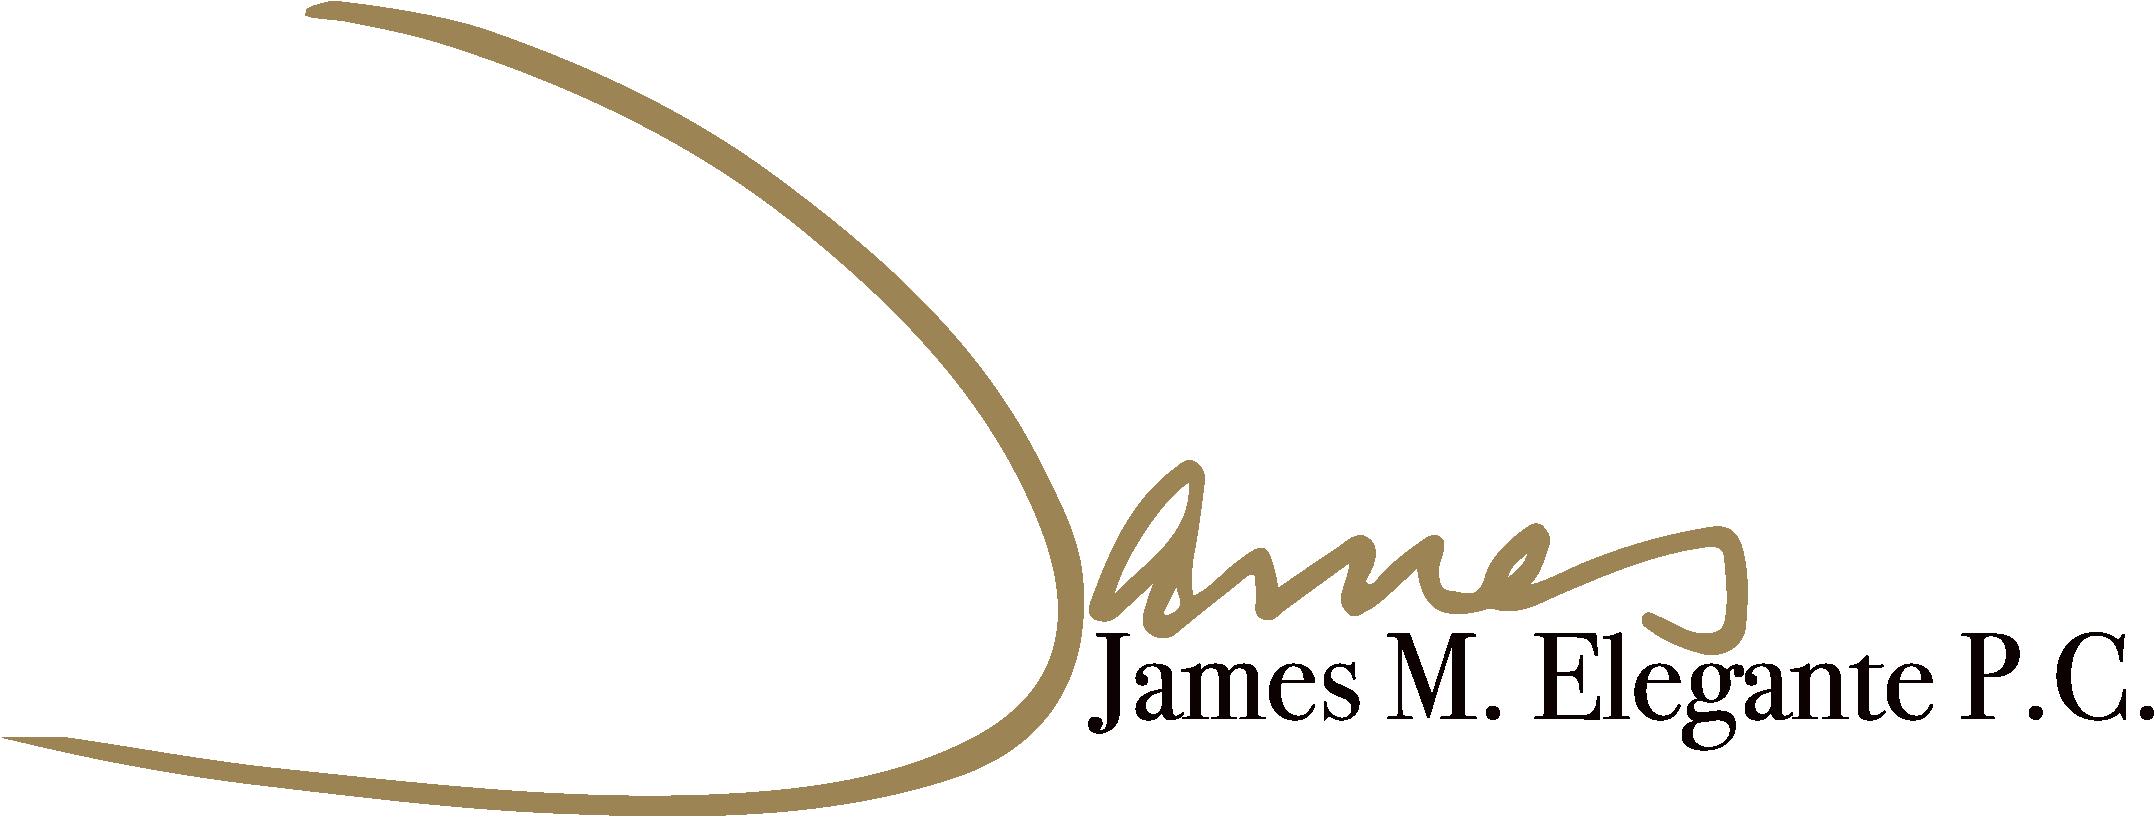 James Elegante P.C. | Utah Nevada